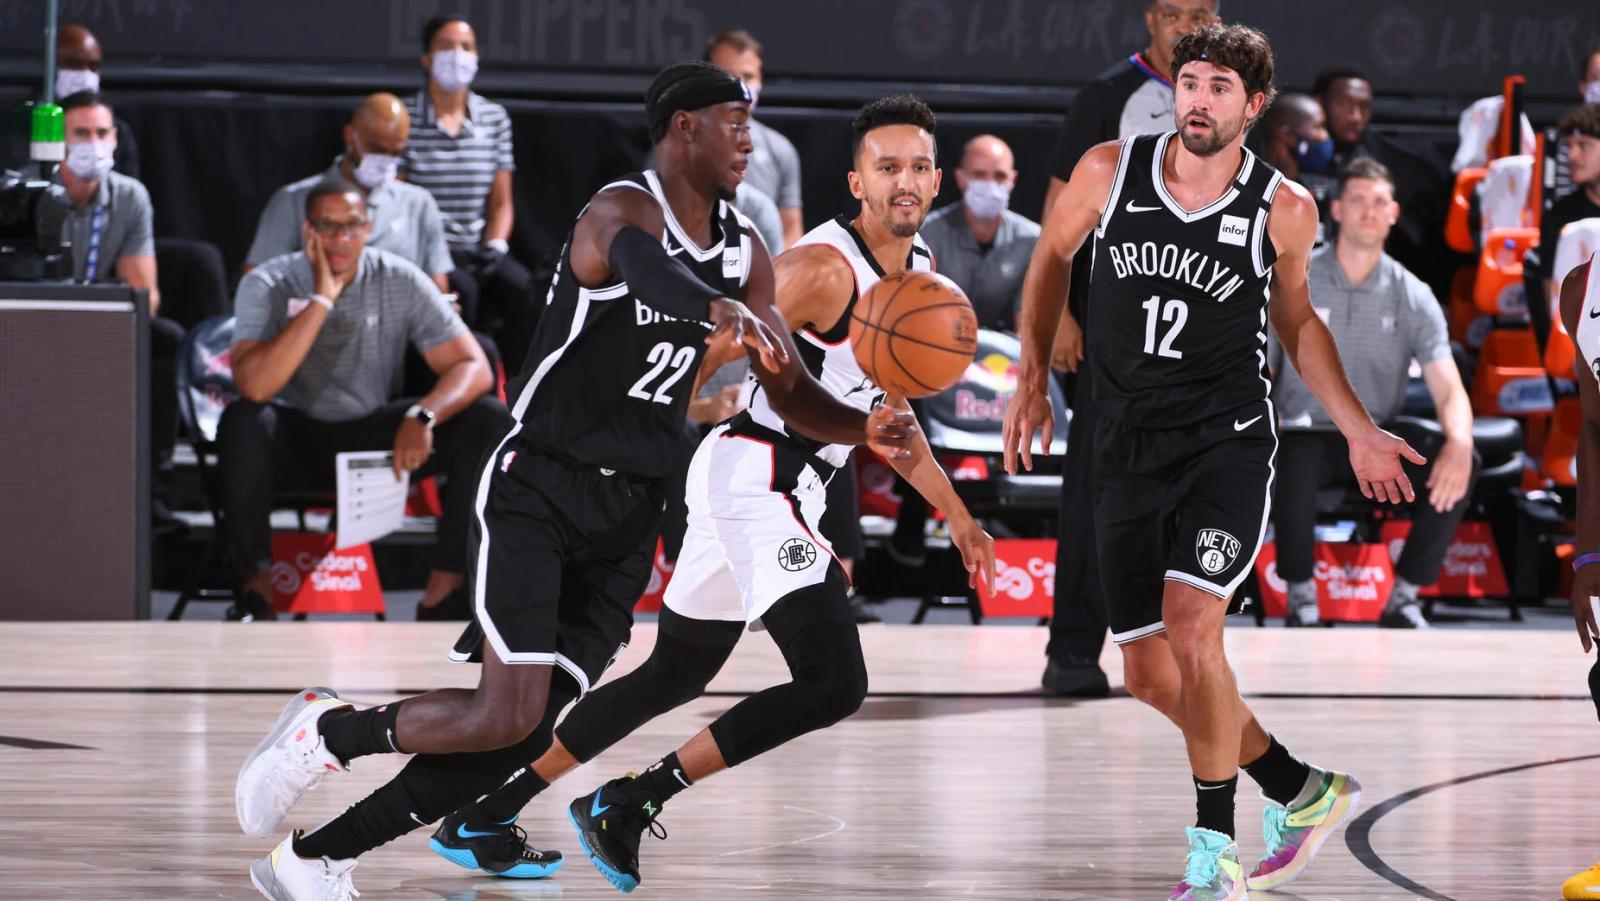 Nhận Định Kèo Nhà Cái NBA: Los Angeles Clippers vs Brooklyn Nets (Ngày 22/2, 8h00)